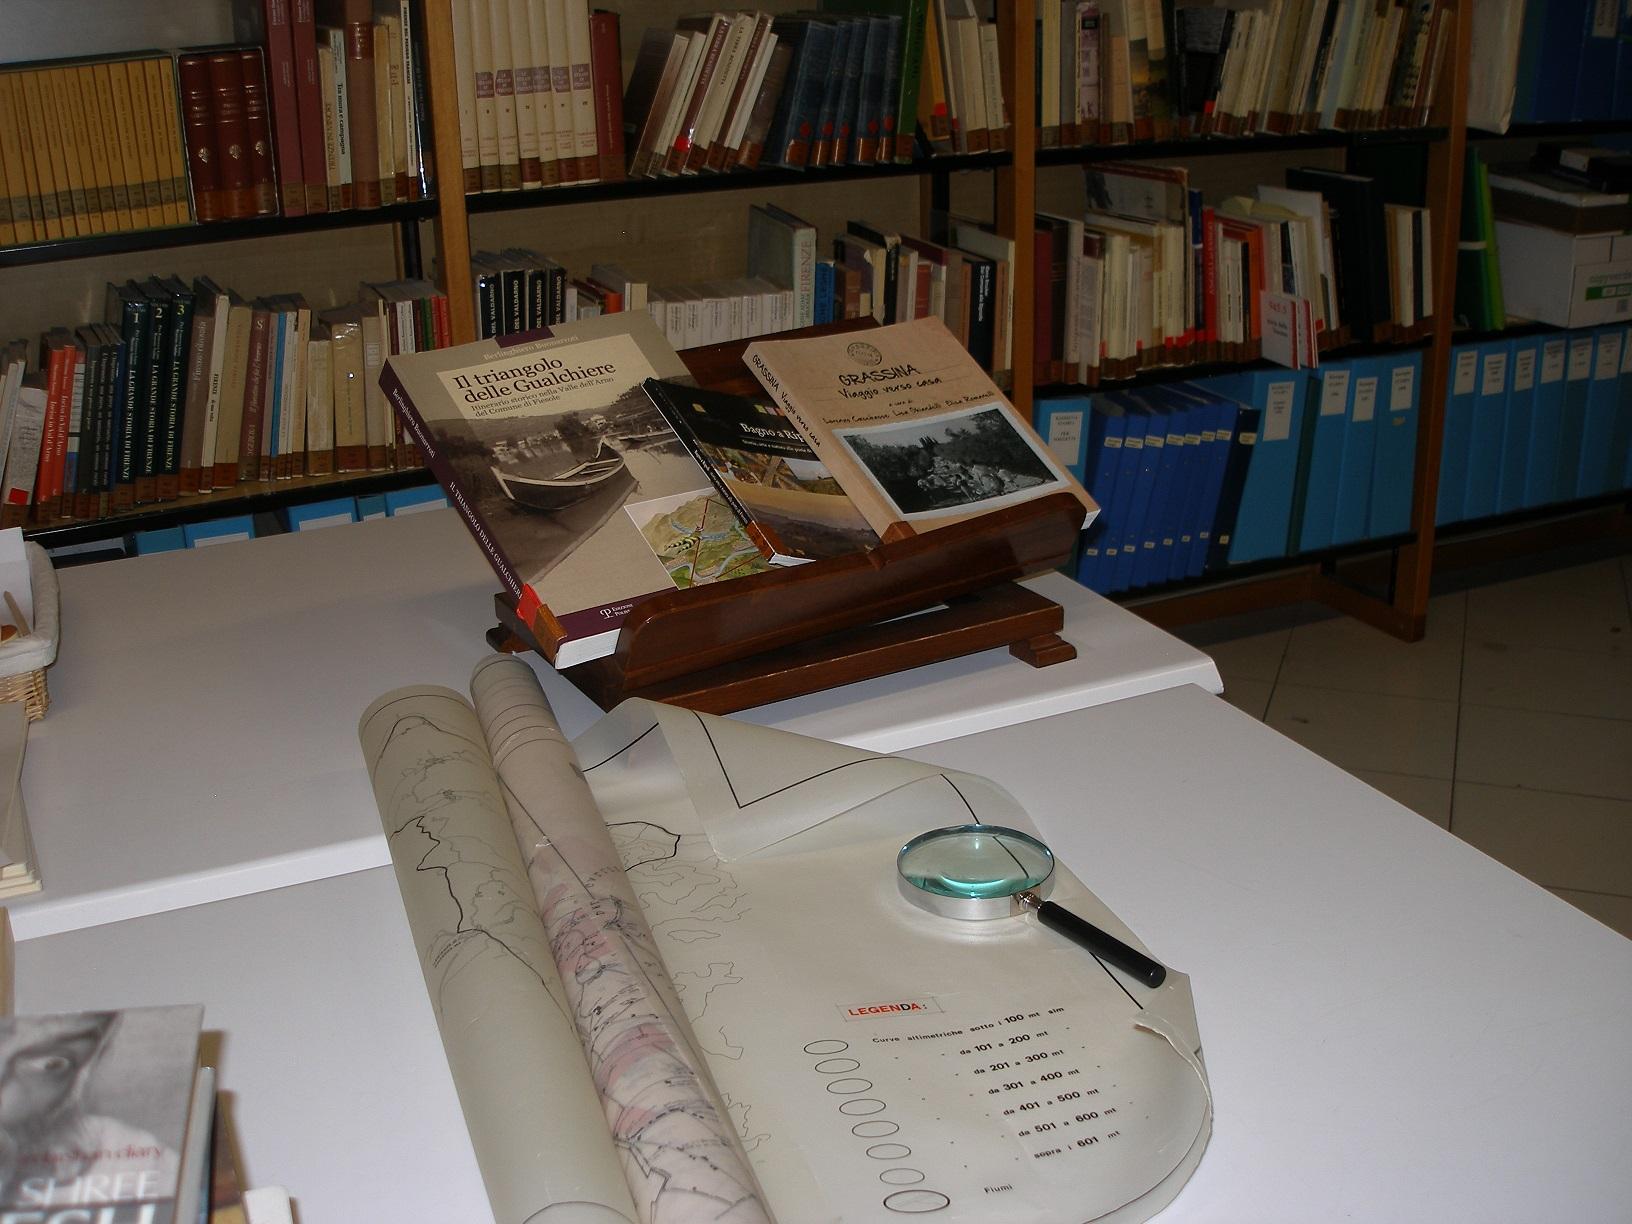 biblioteca bagno a ripoli - 28 images - biblioteca comunale di ...